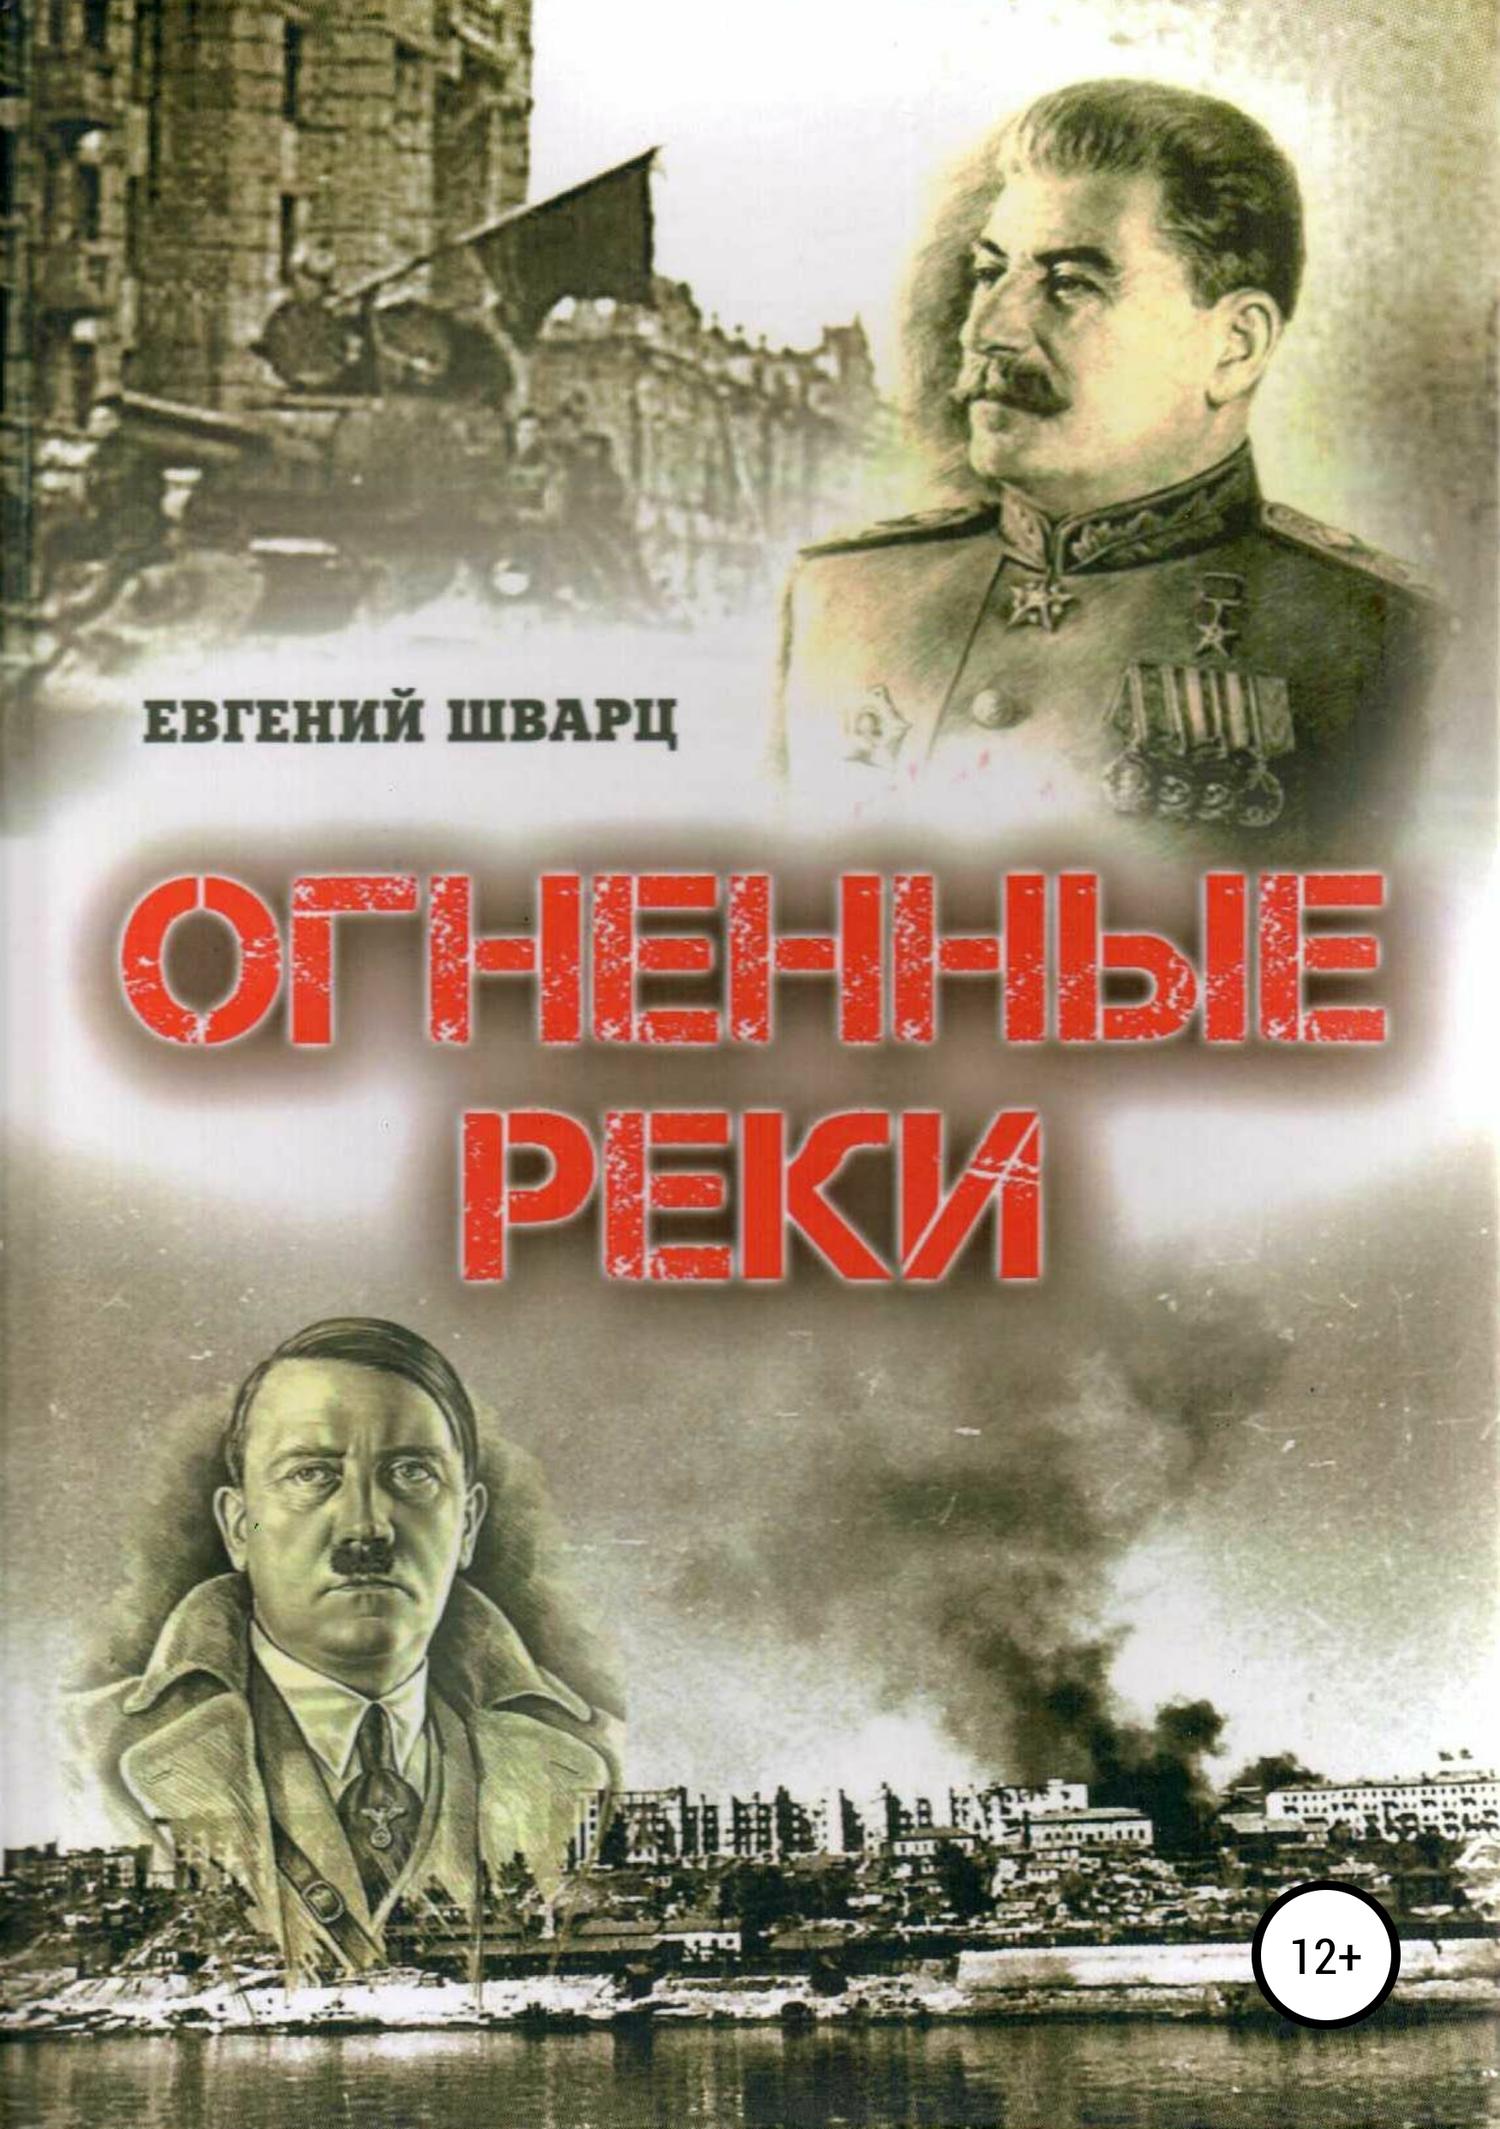 Евгений Шварц - Огненные реки